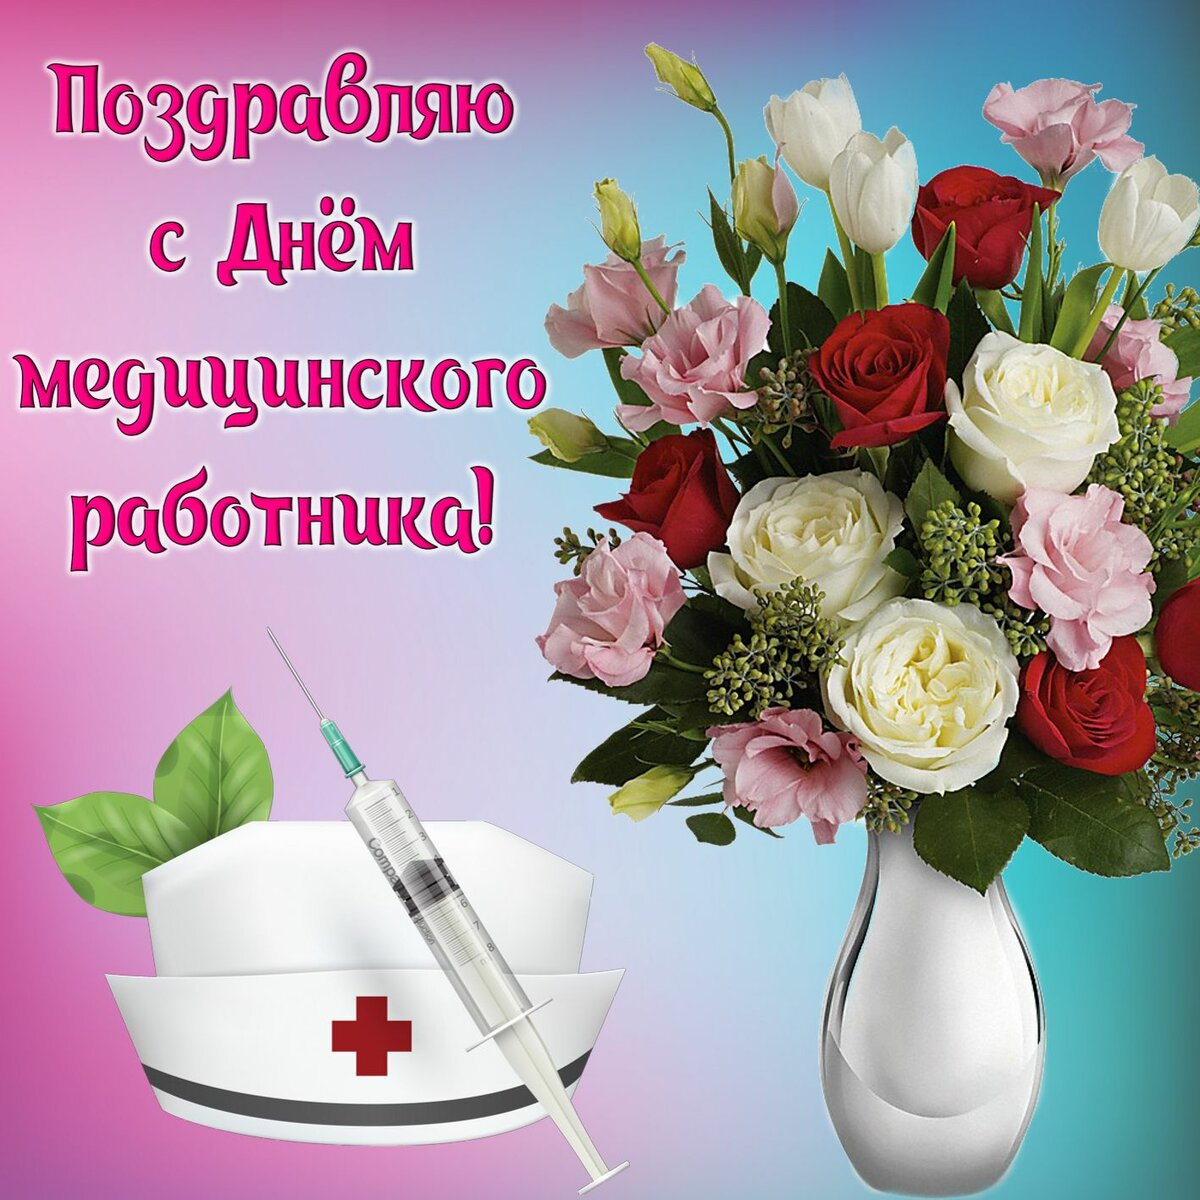 Моя, картинки поздравления с днем медицинского работника хирургическому отделению